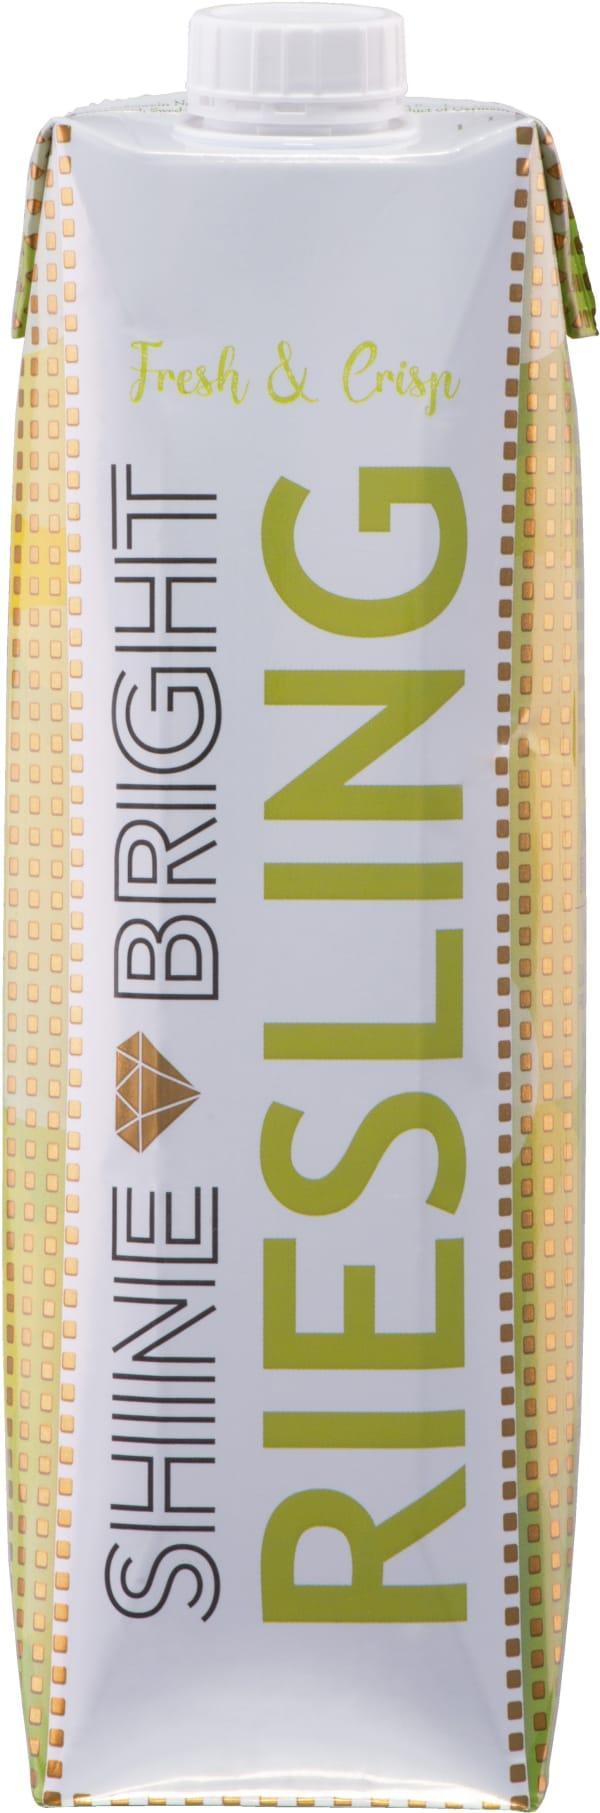 Shine Bright 2019 kartongförpackning